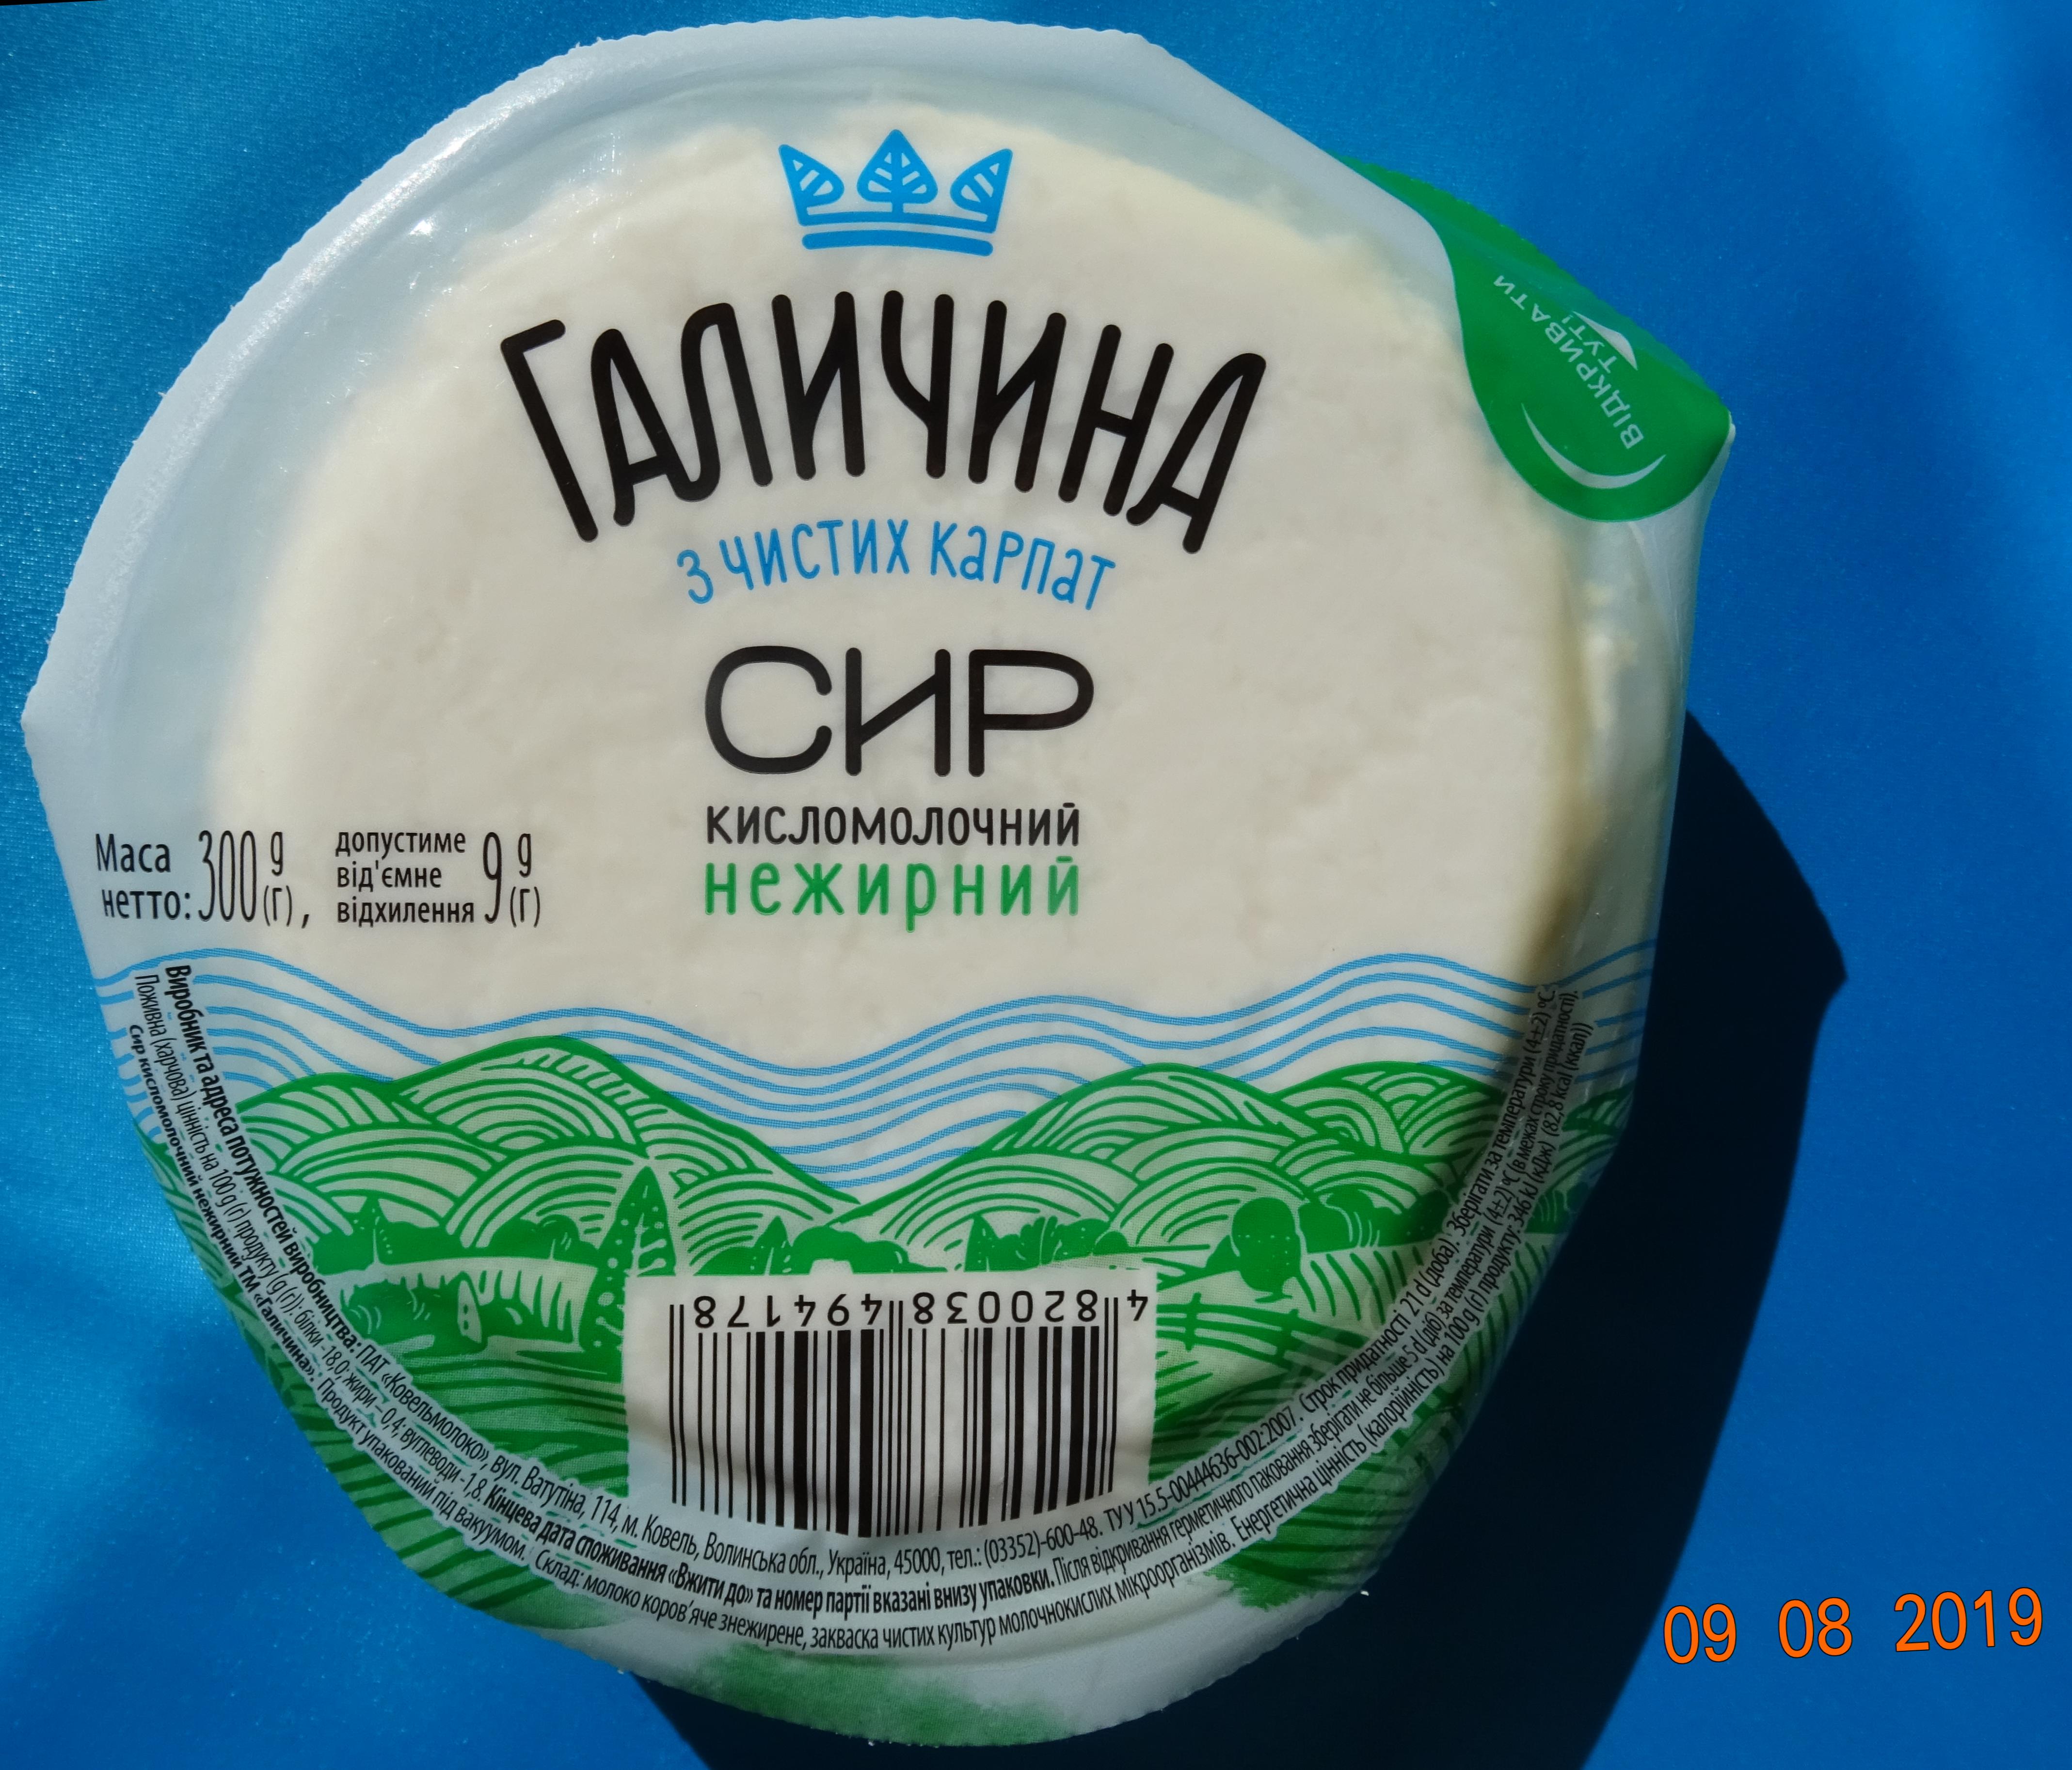 Food-Tests - Syr-Galychyna-vzhyty-do-9.Jan_.2019-stanom-na-9.Aug_.2019-1.png